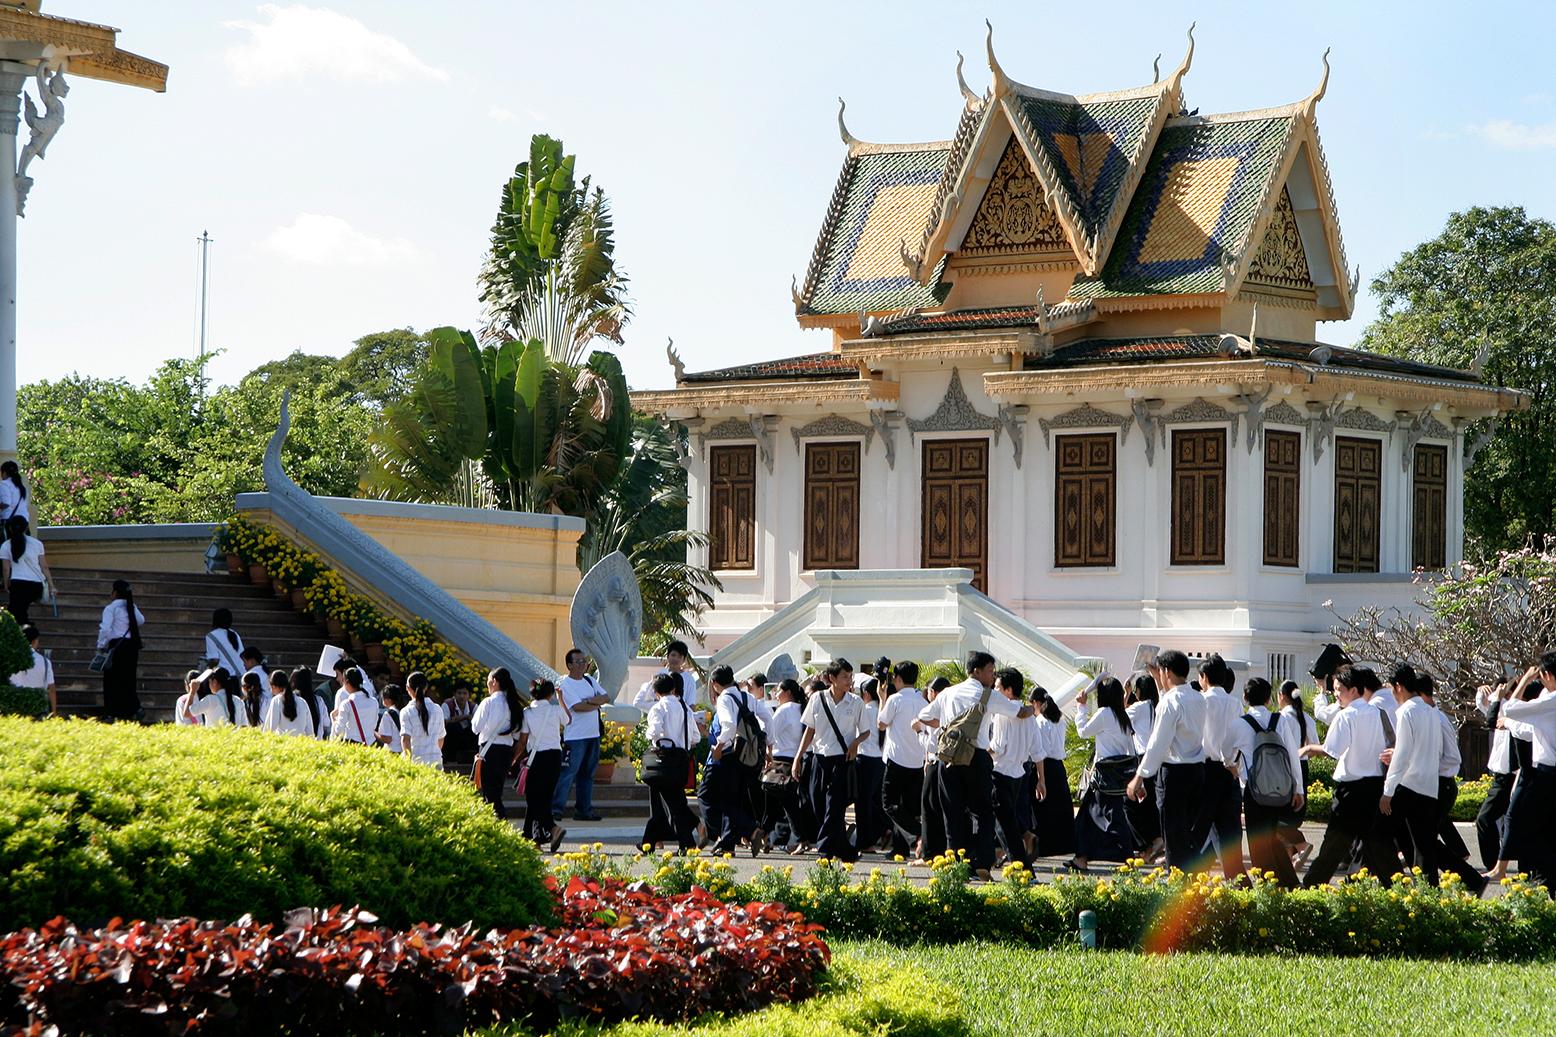 Visite scolaire au Palais royal